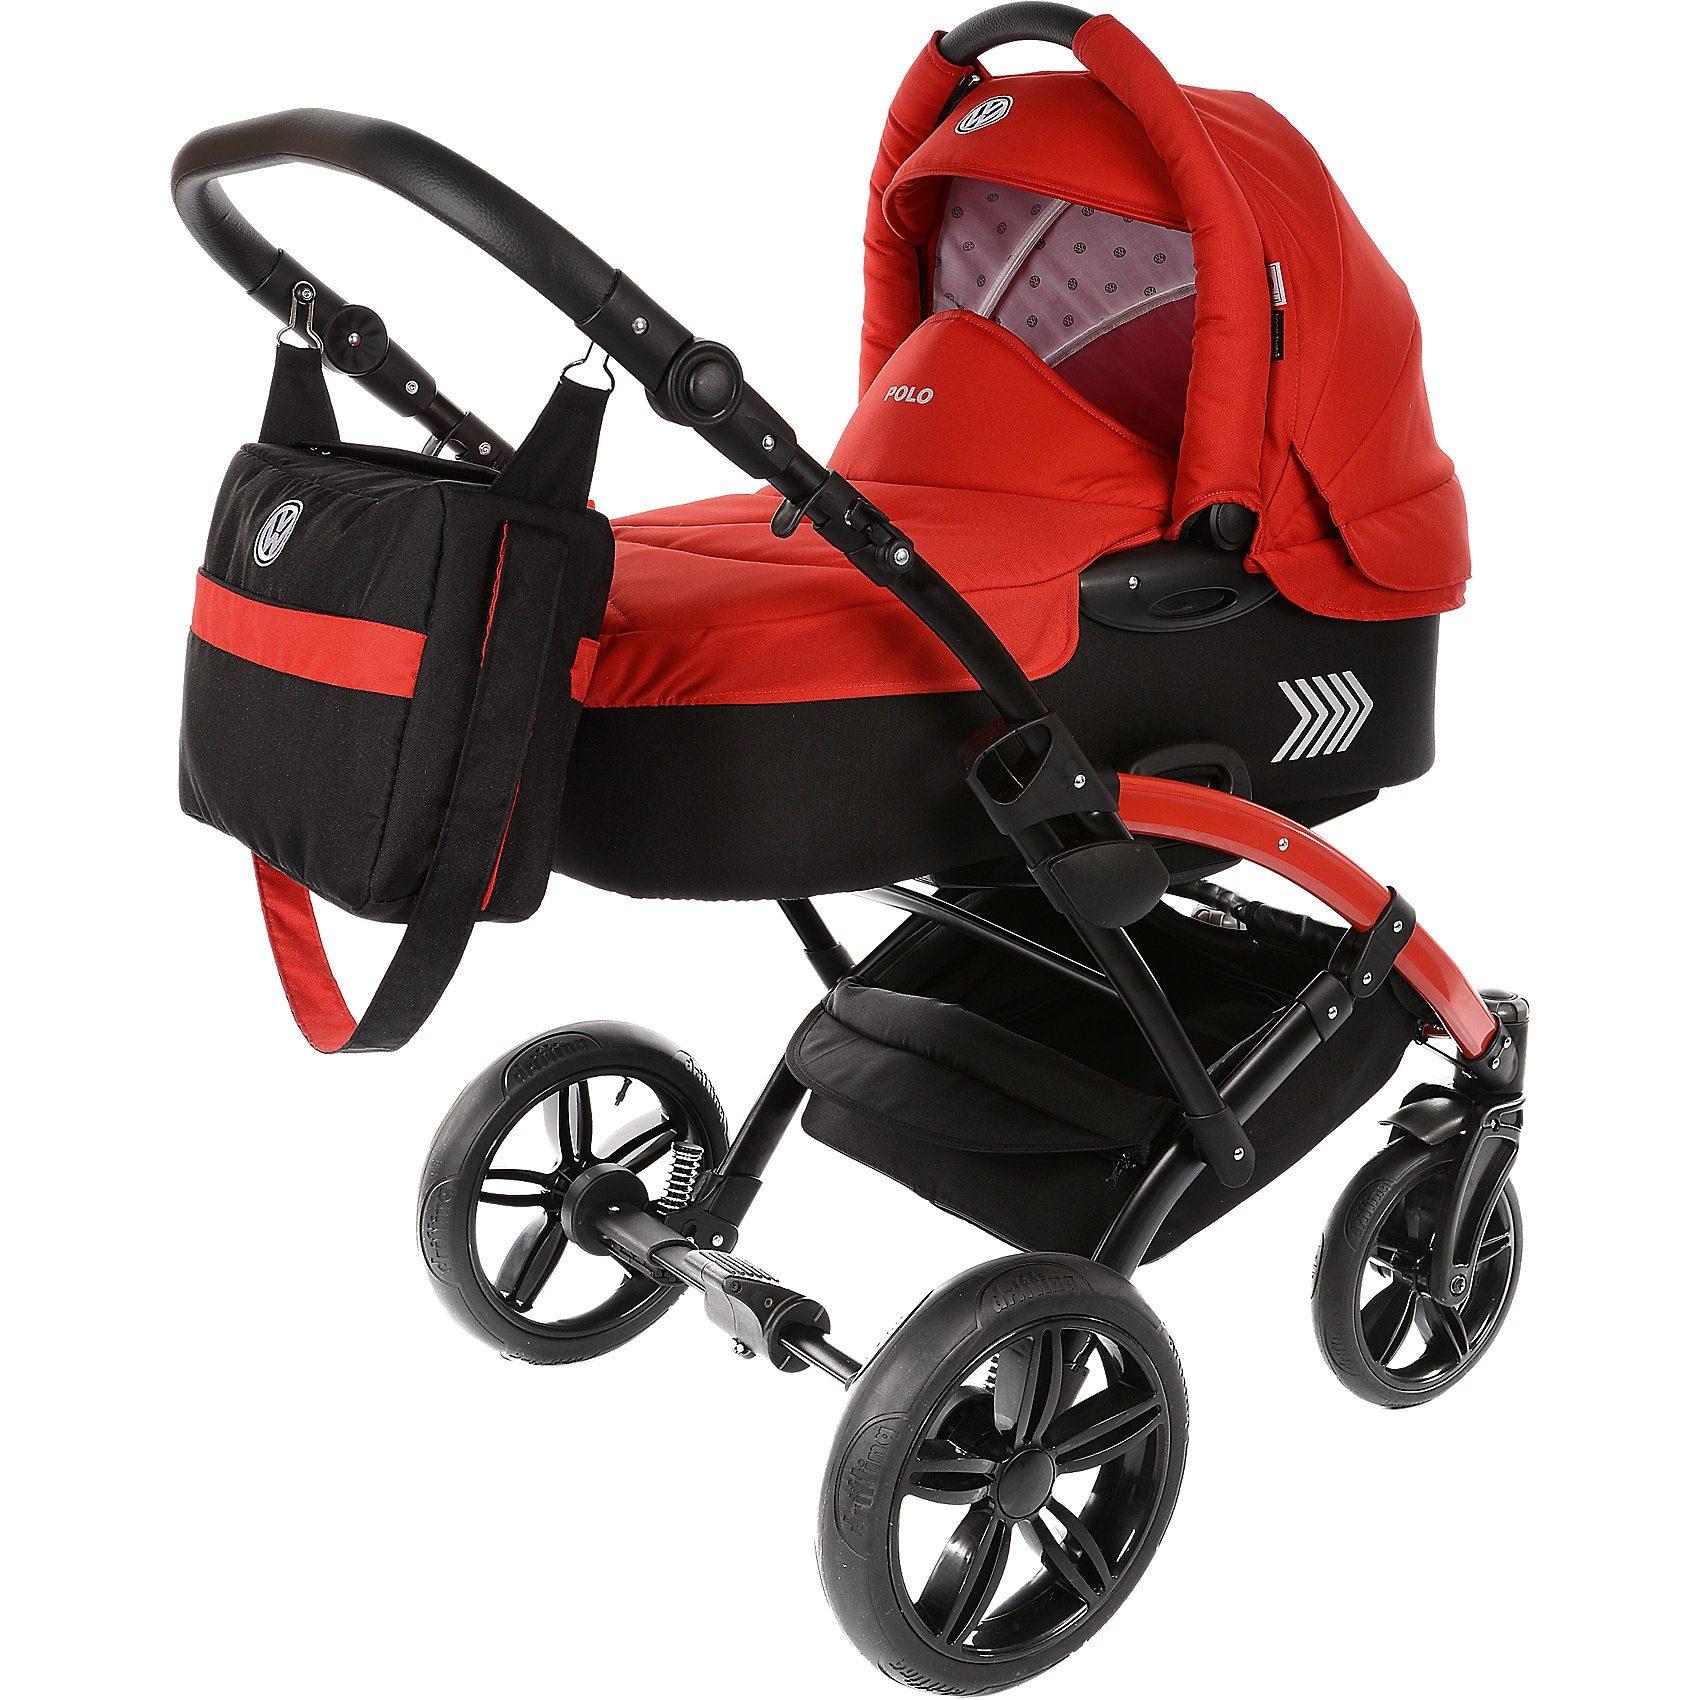 knorr-baby Kombi Kinderwagen Volkswagen Polo, rot